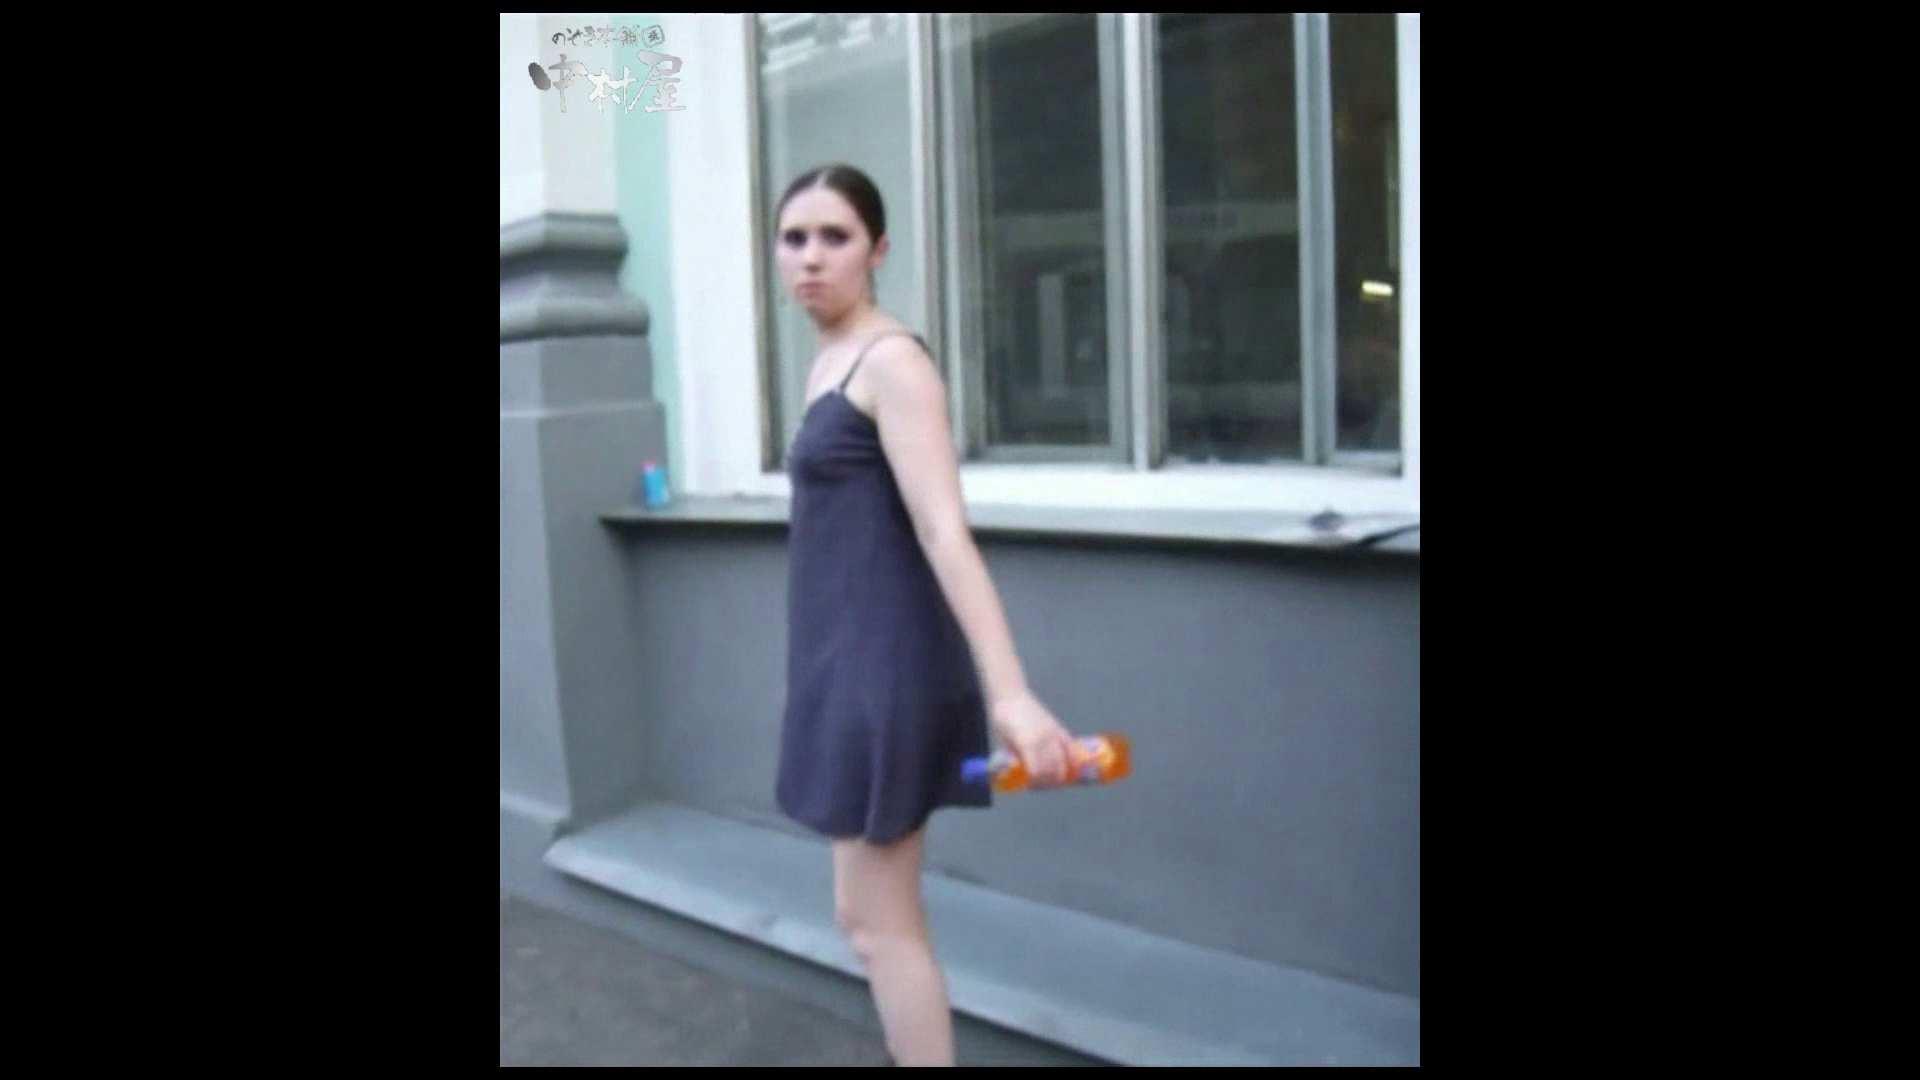 綺麗なモデルさんのスカート捲っちゃおう‼ vol14 お姉さんのエロ生活  47連発 27